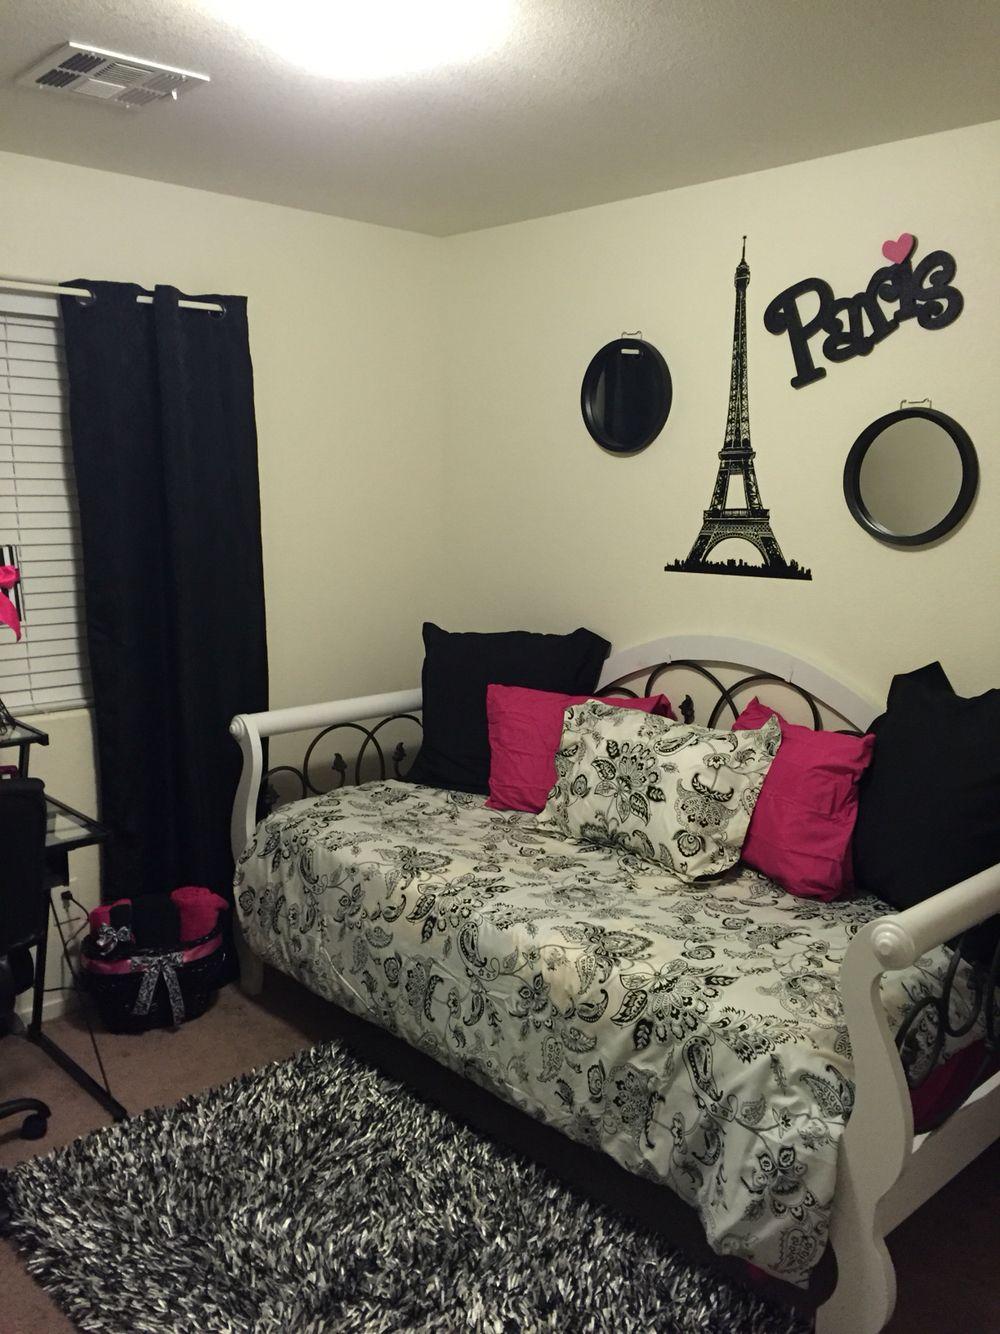 Paris themed teen bedroom | Bedroom Decor in 2019 ...